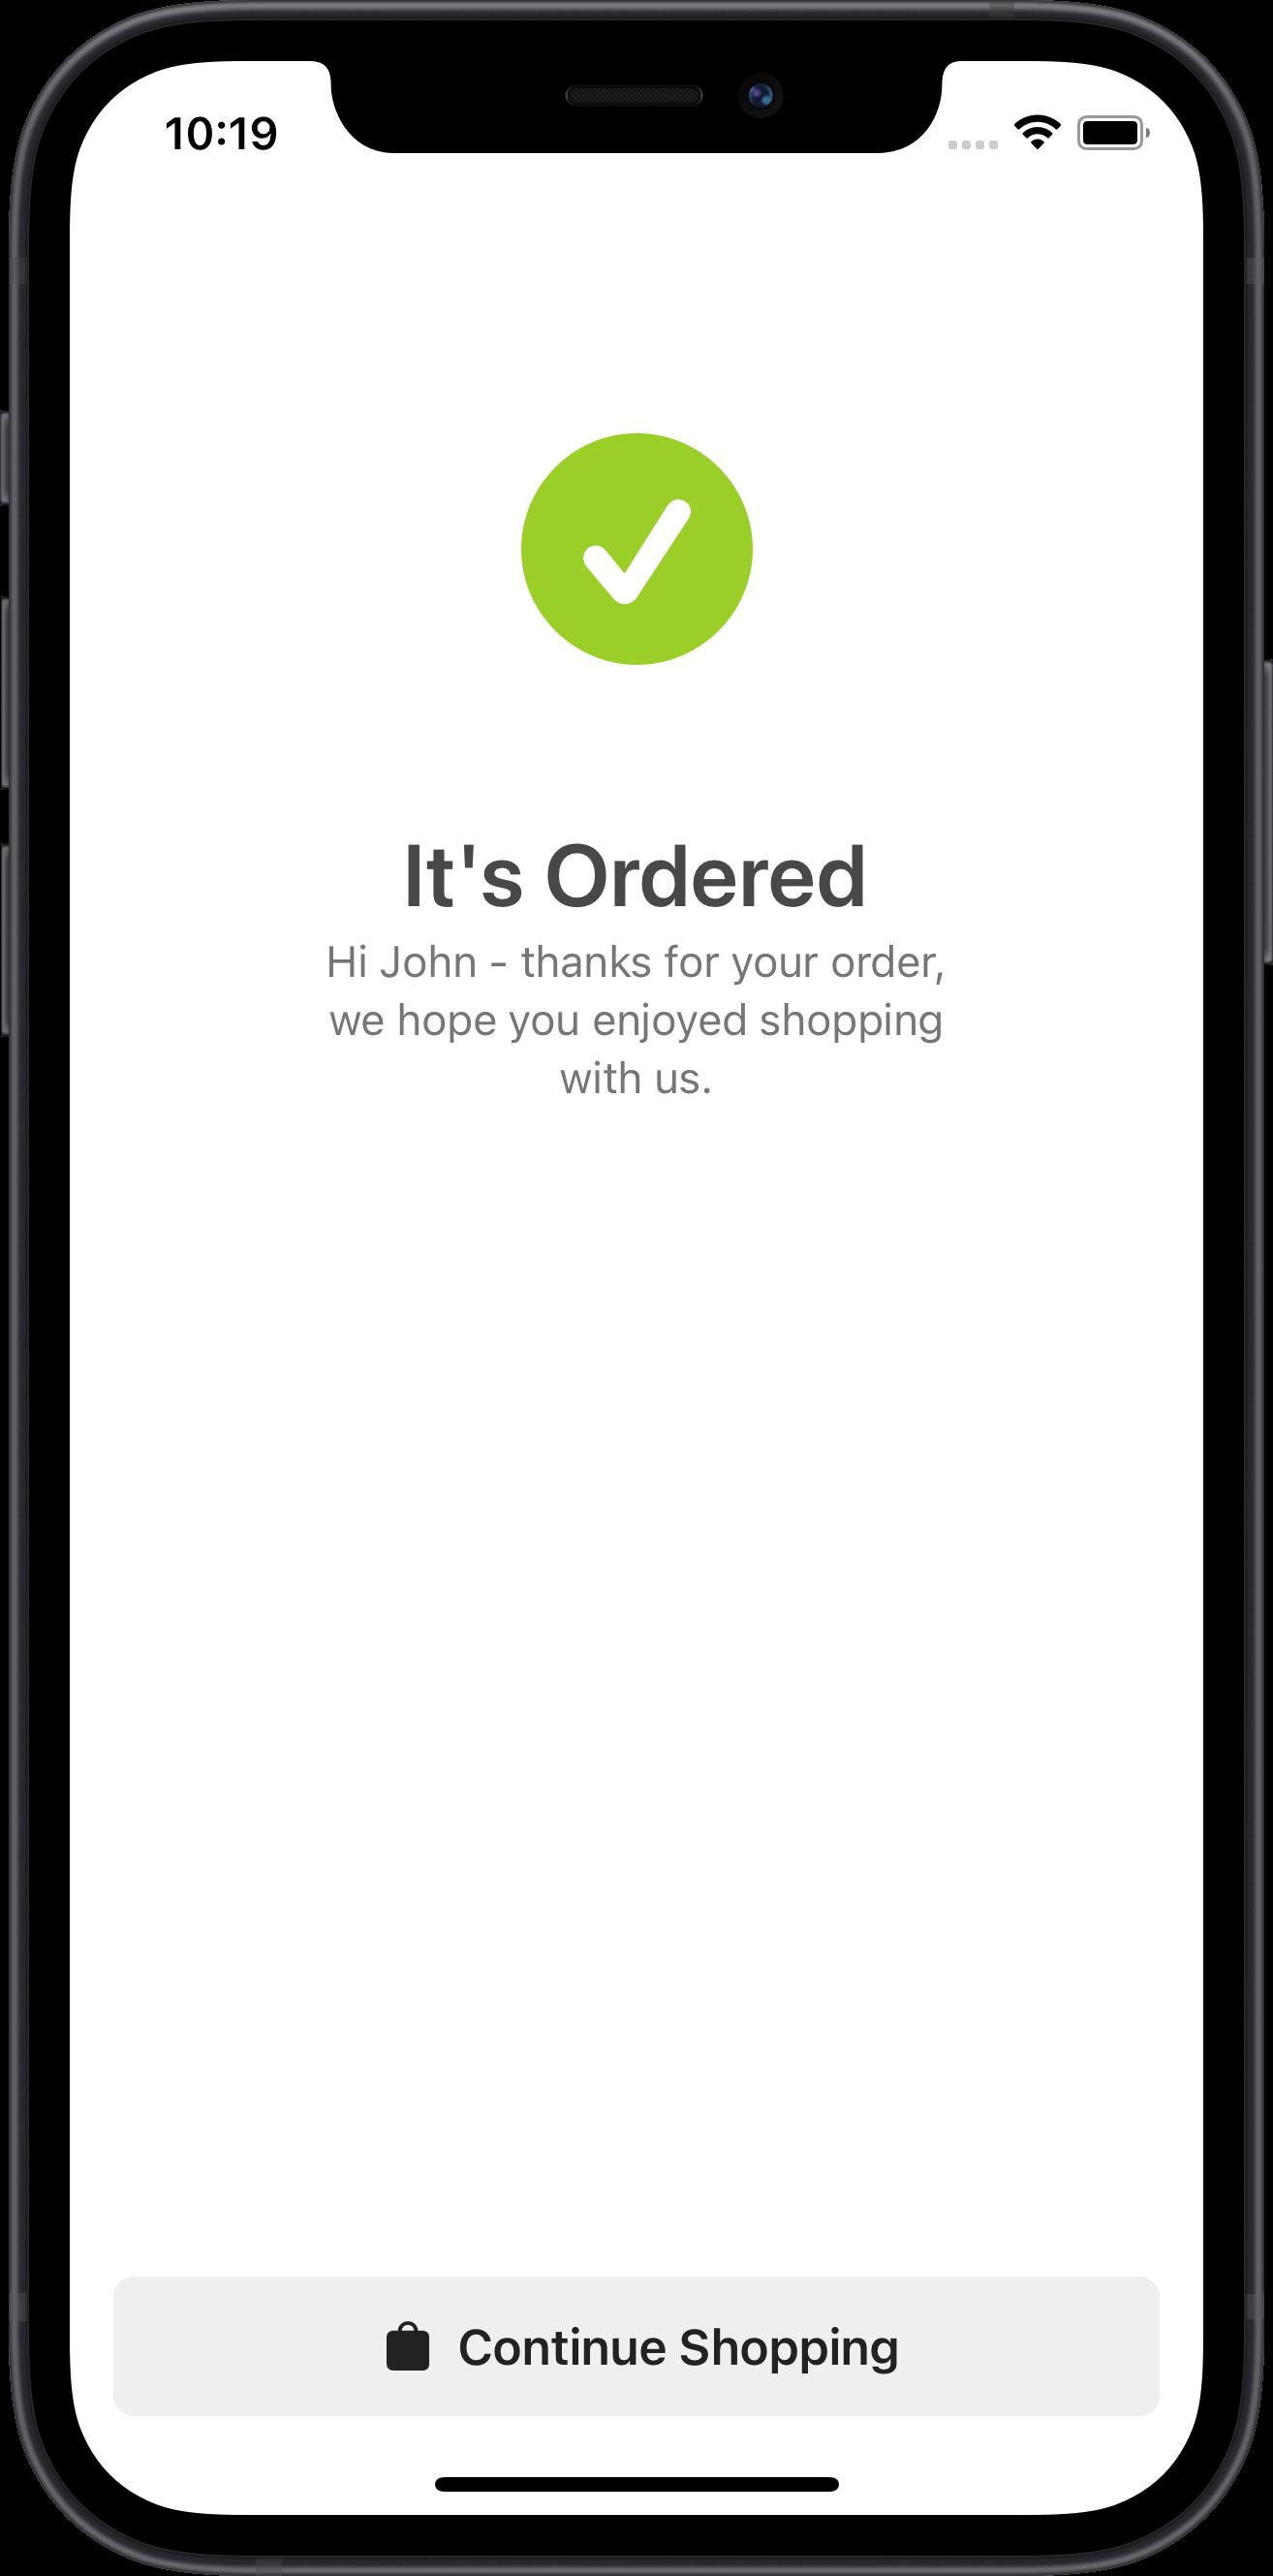 e-commerce, order details